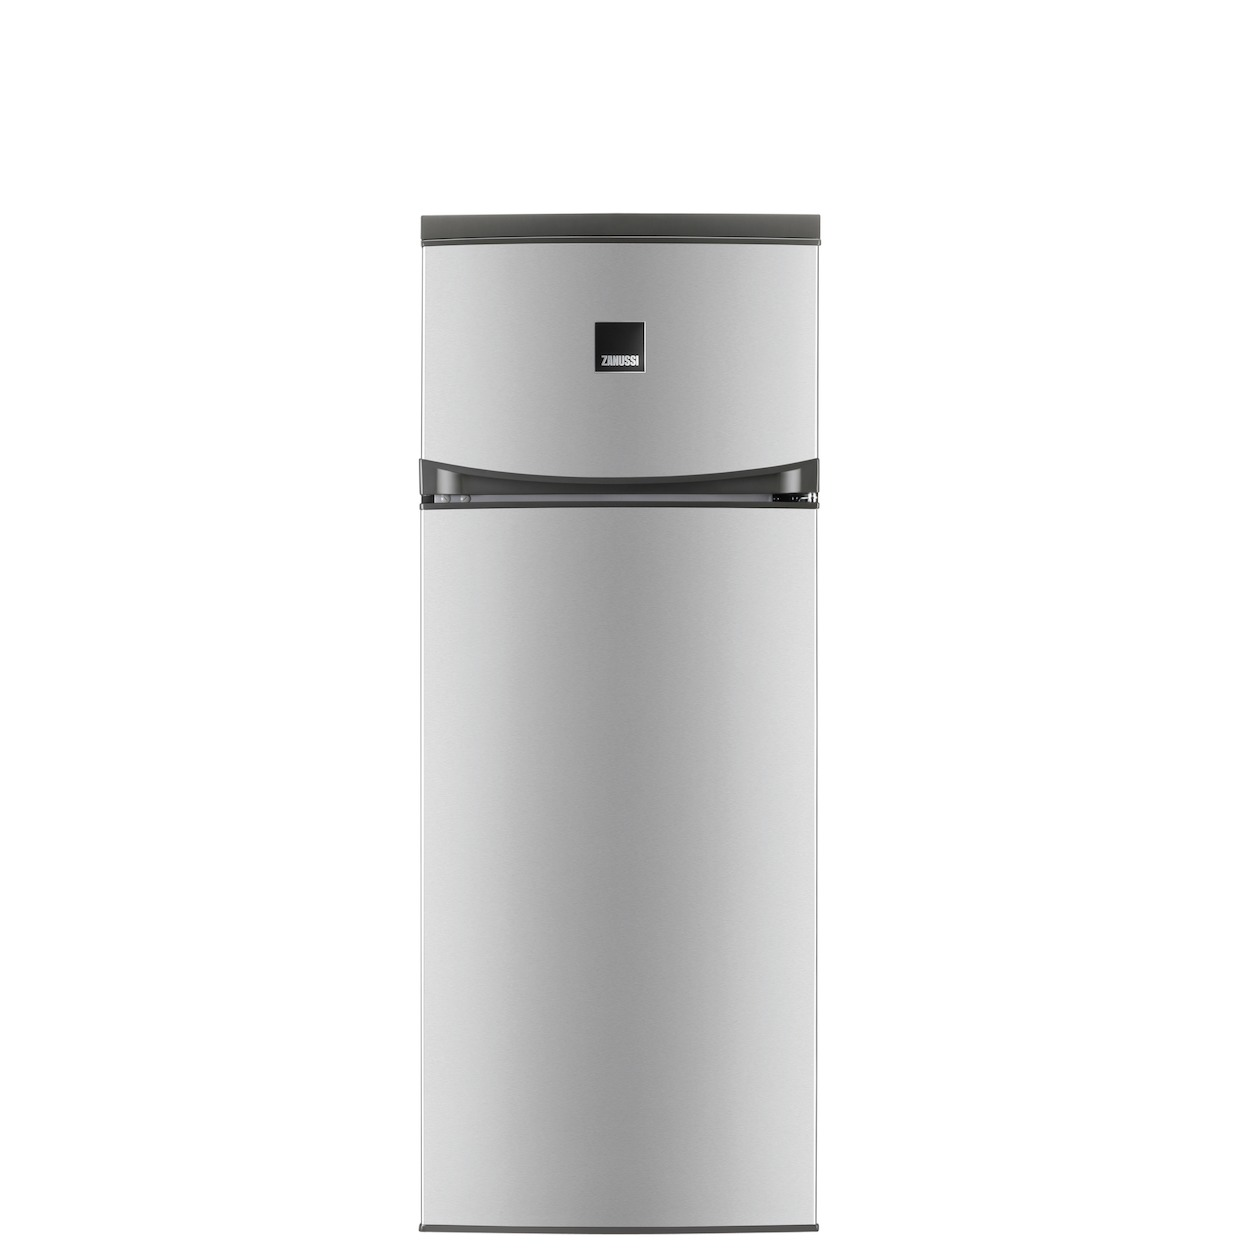 Zanussi koelkast met vriesvak ZRT23100XA - Prijsvergelijk